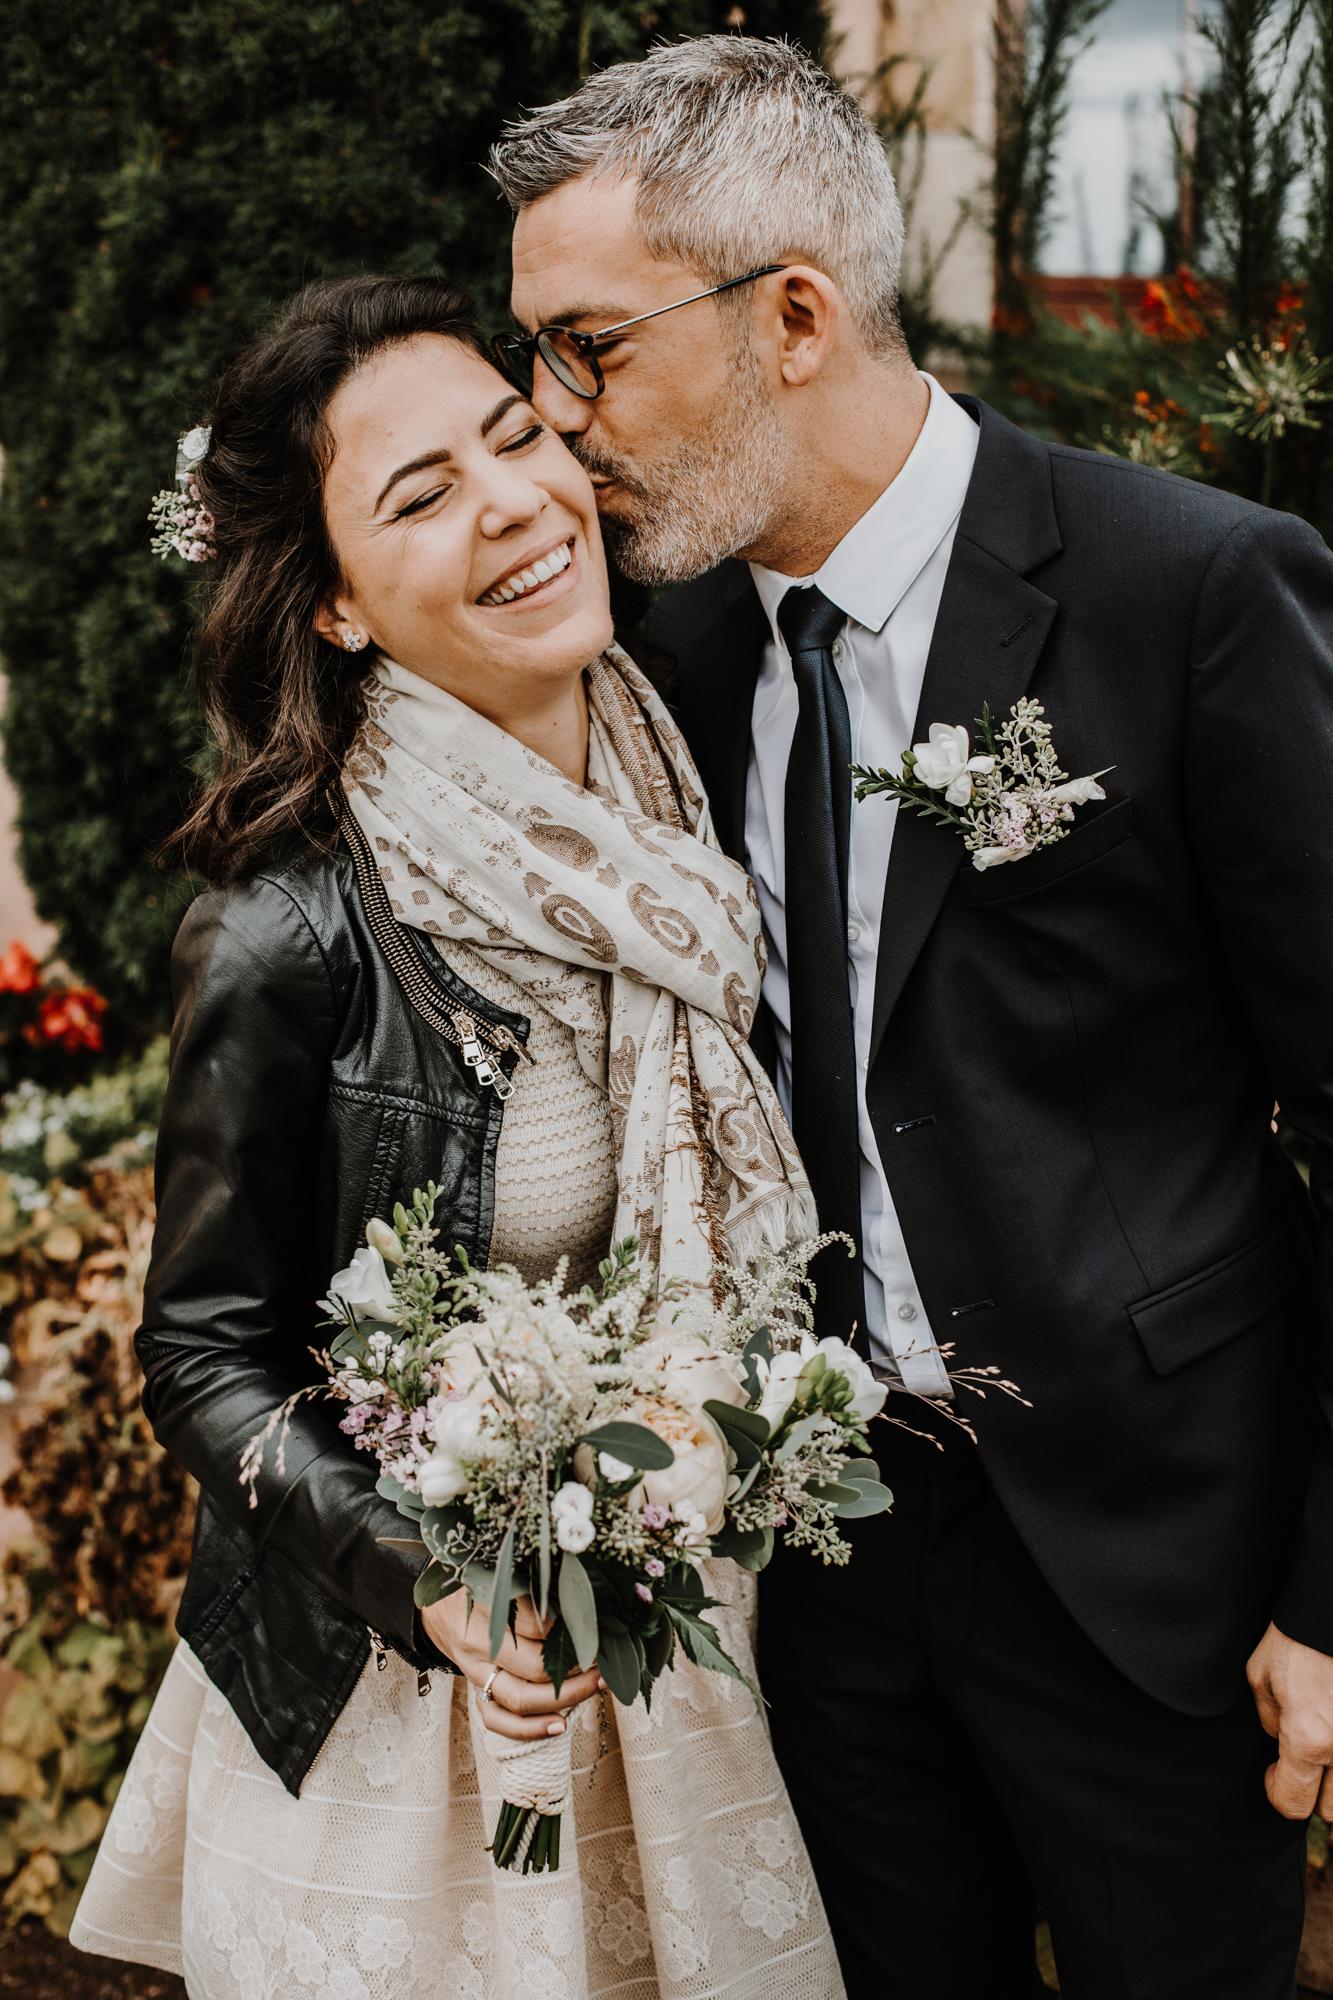 les mariés se retrouvent à la mairie, le marié embrasse la mariée sur la joue